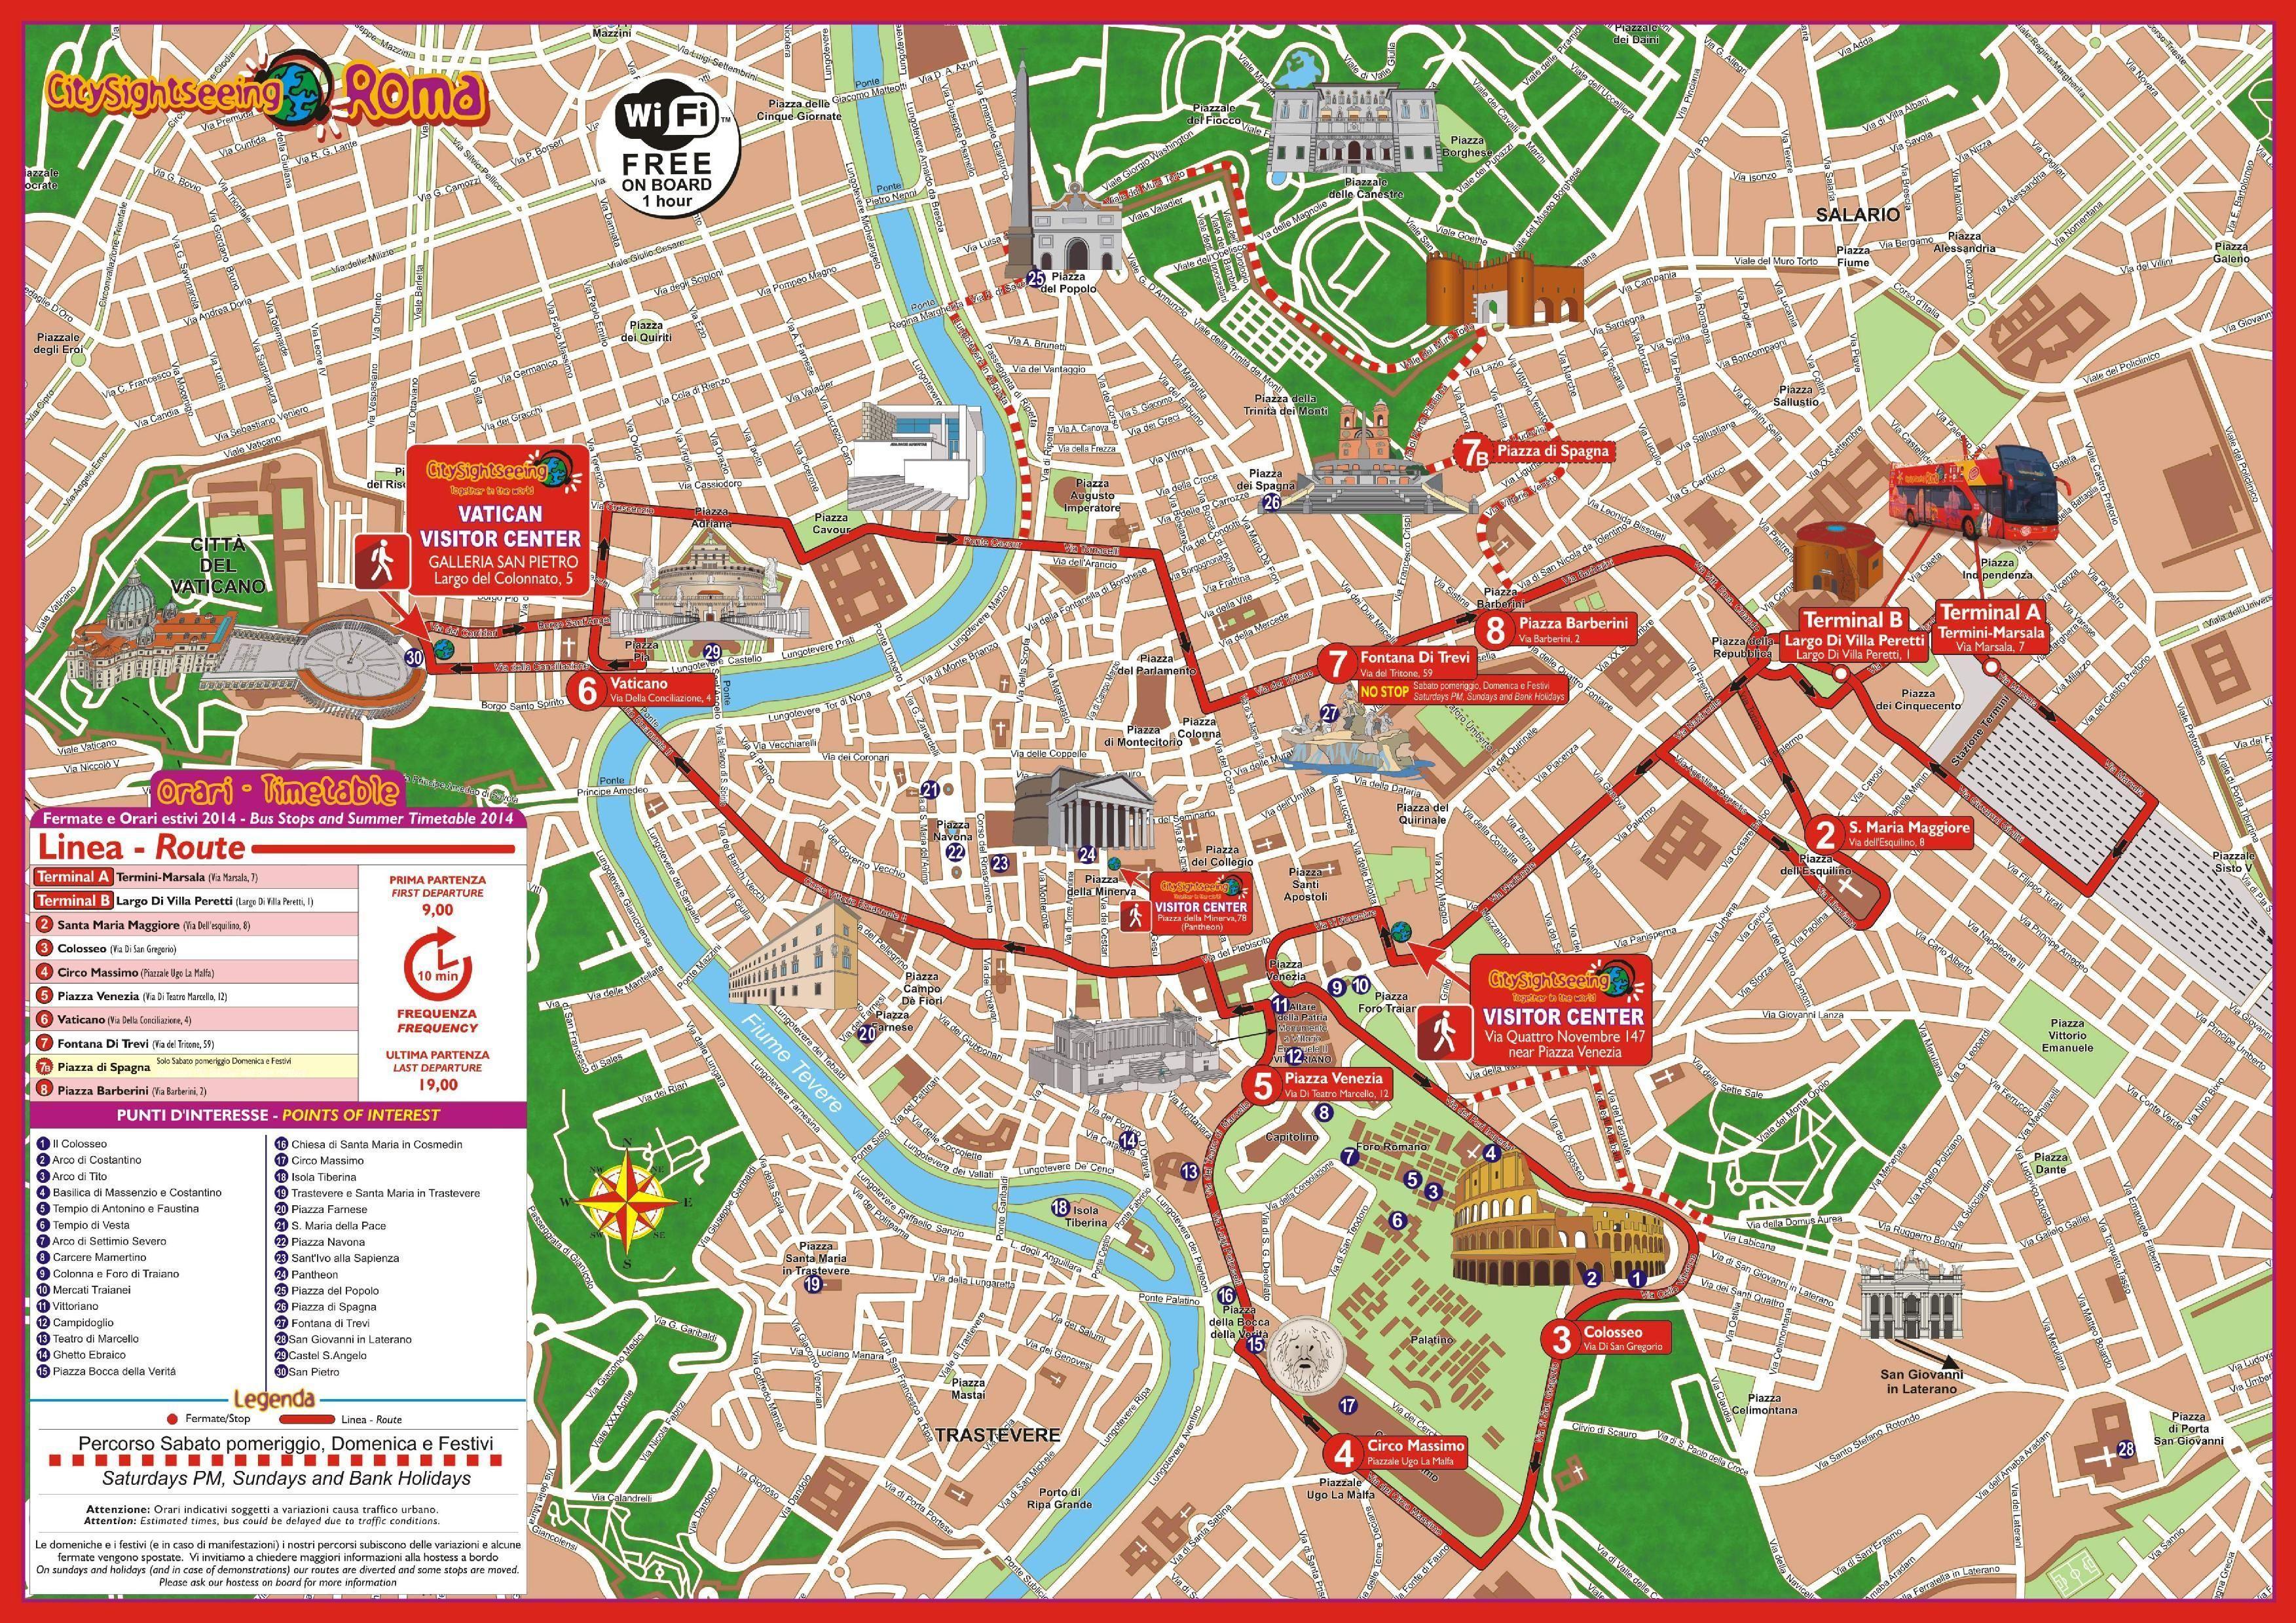 Mapa De Roma Turistico.Roma Autobus De Turismo Mapa De La Ciudad De Roma En Autobus